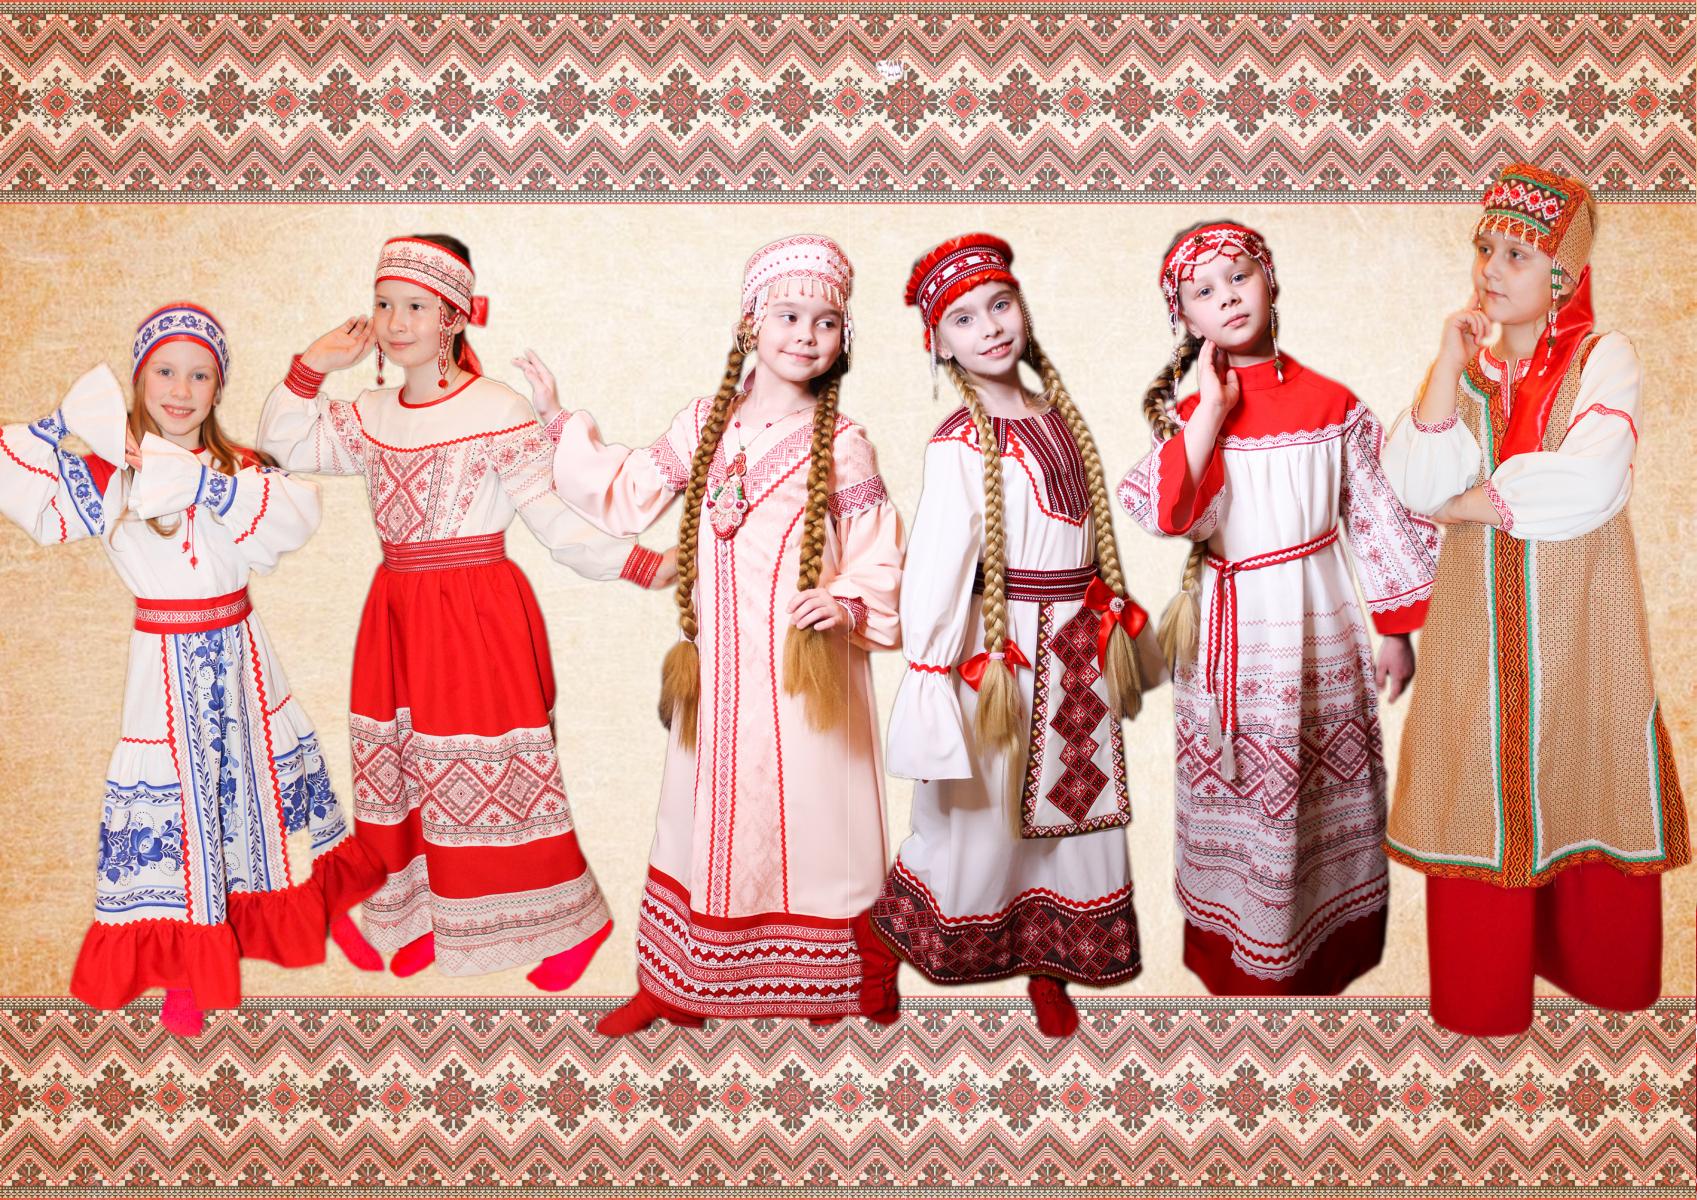 mezhdunarodnyj-molodezhnyj-festival-ehtno-modno-2021